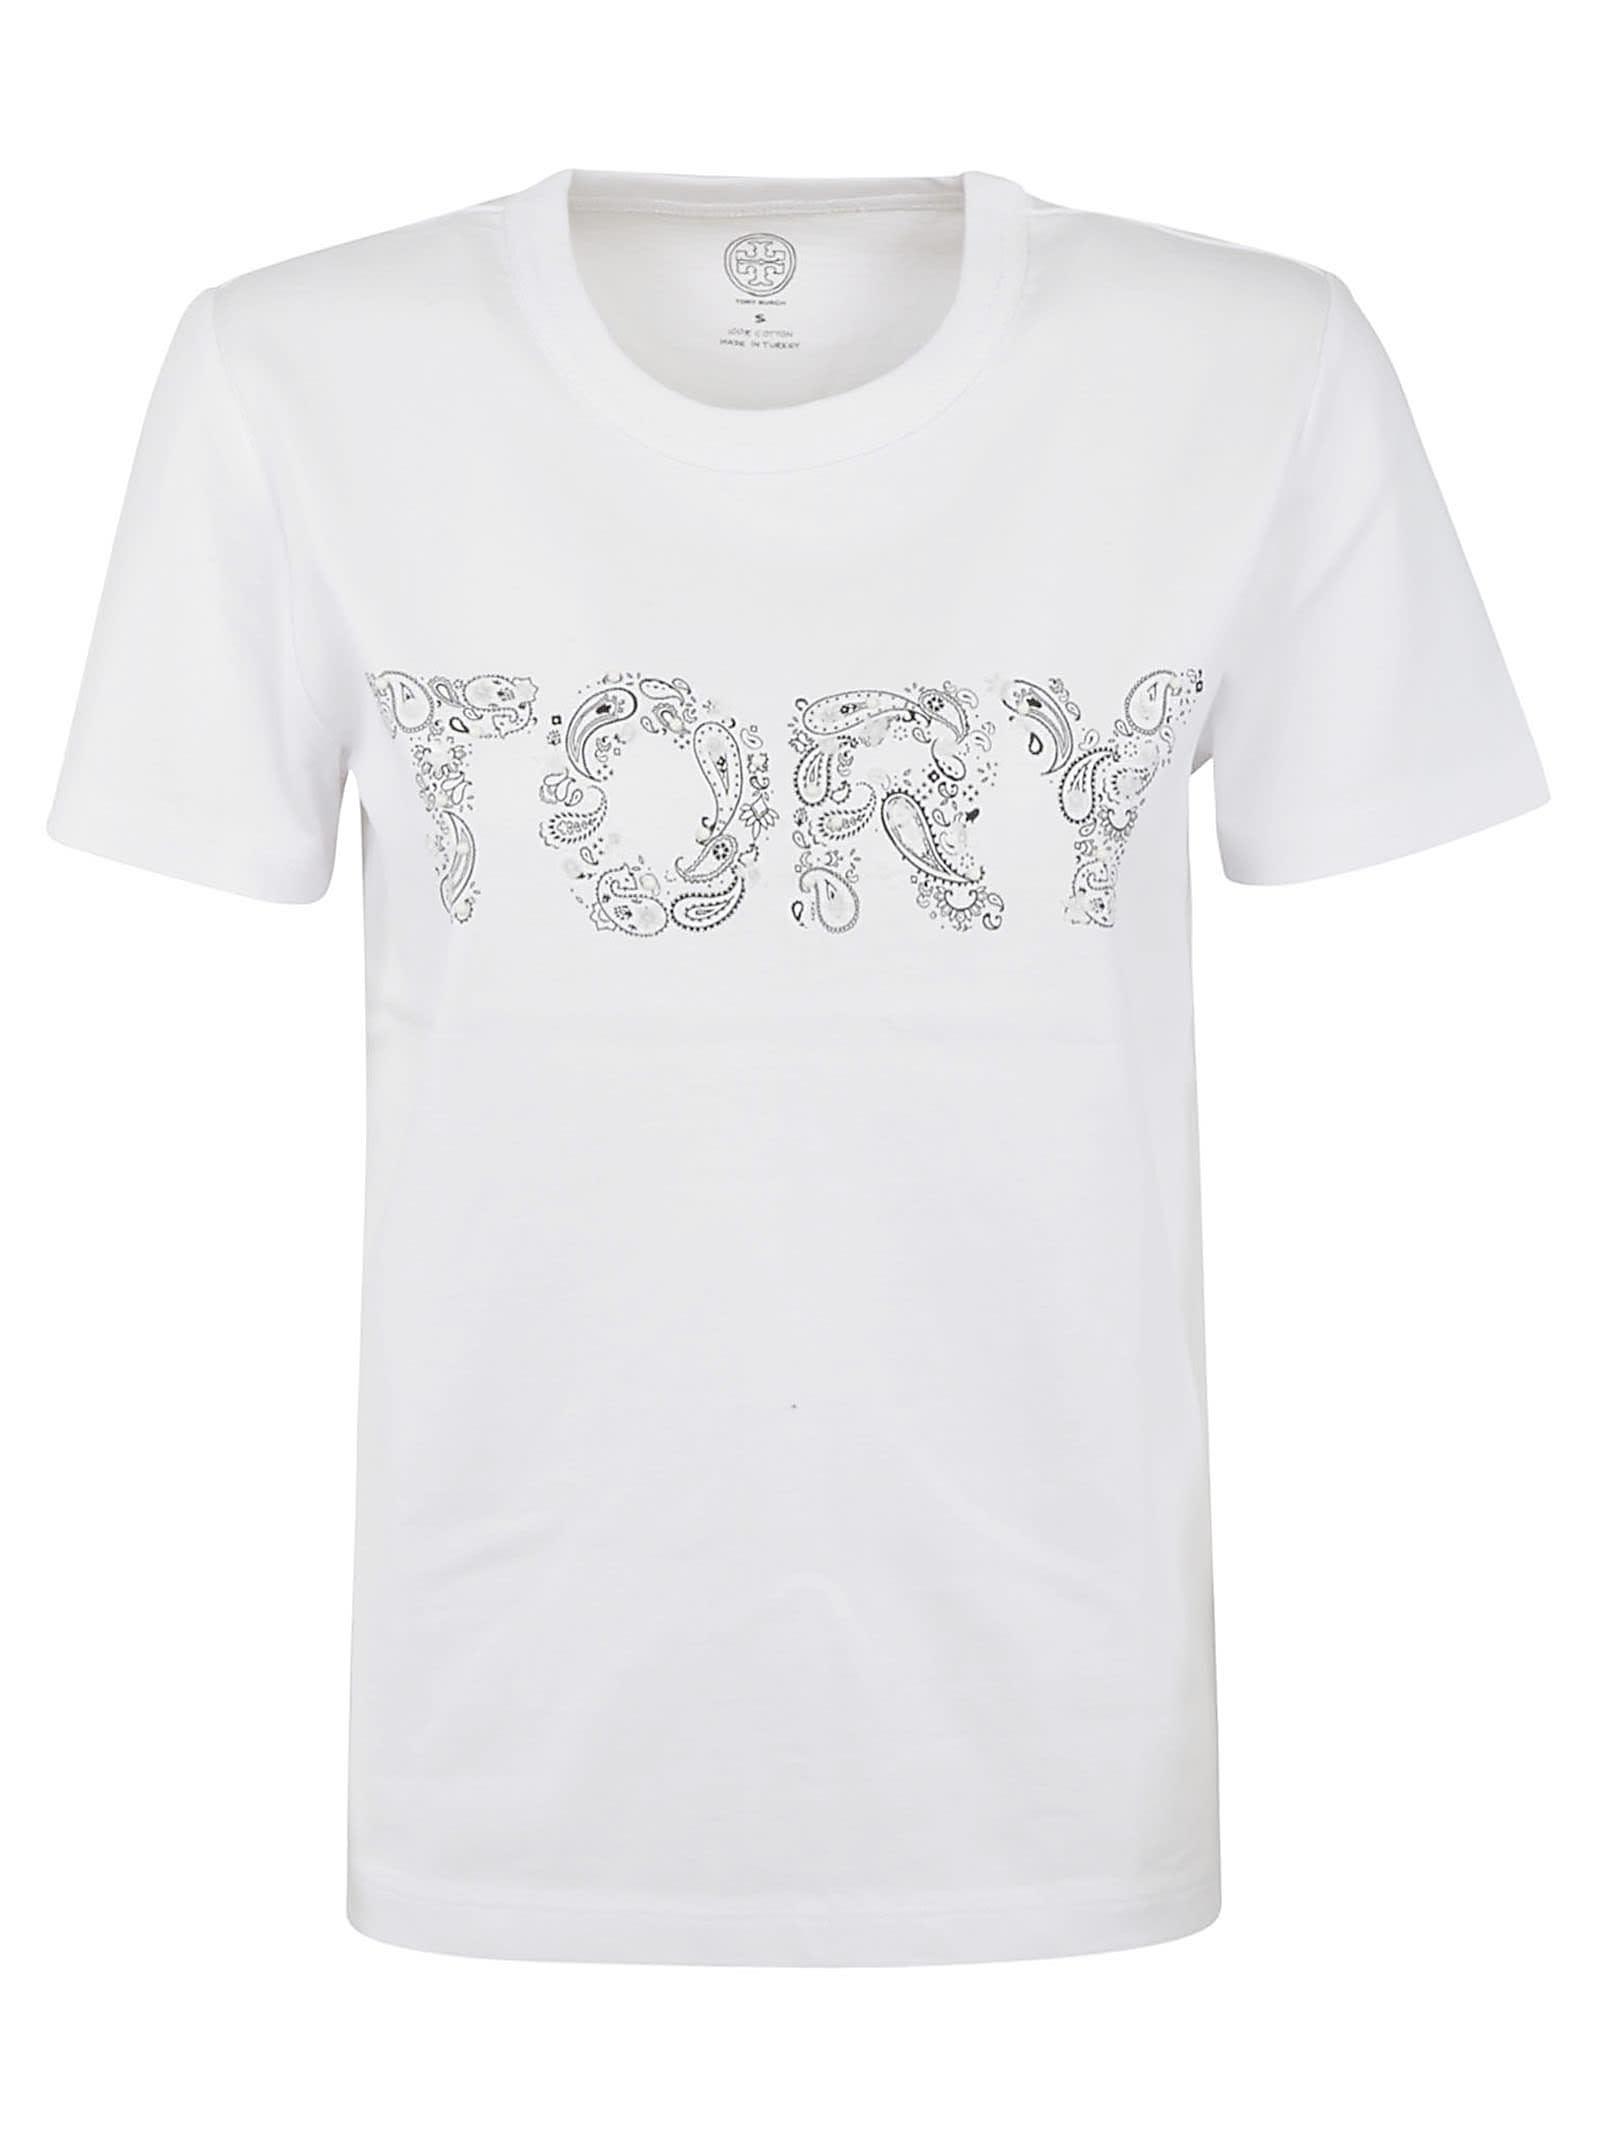 Tory Burch Tory Paisley T-shirt